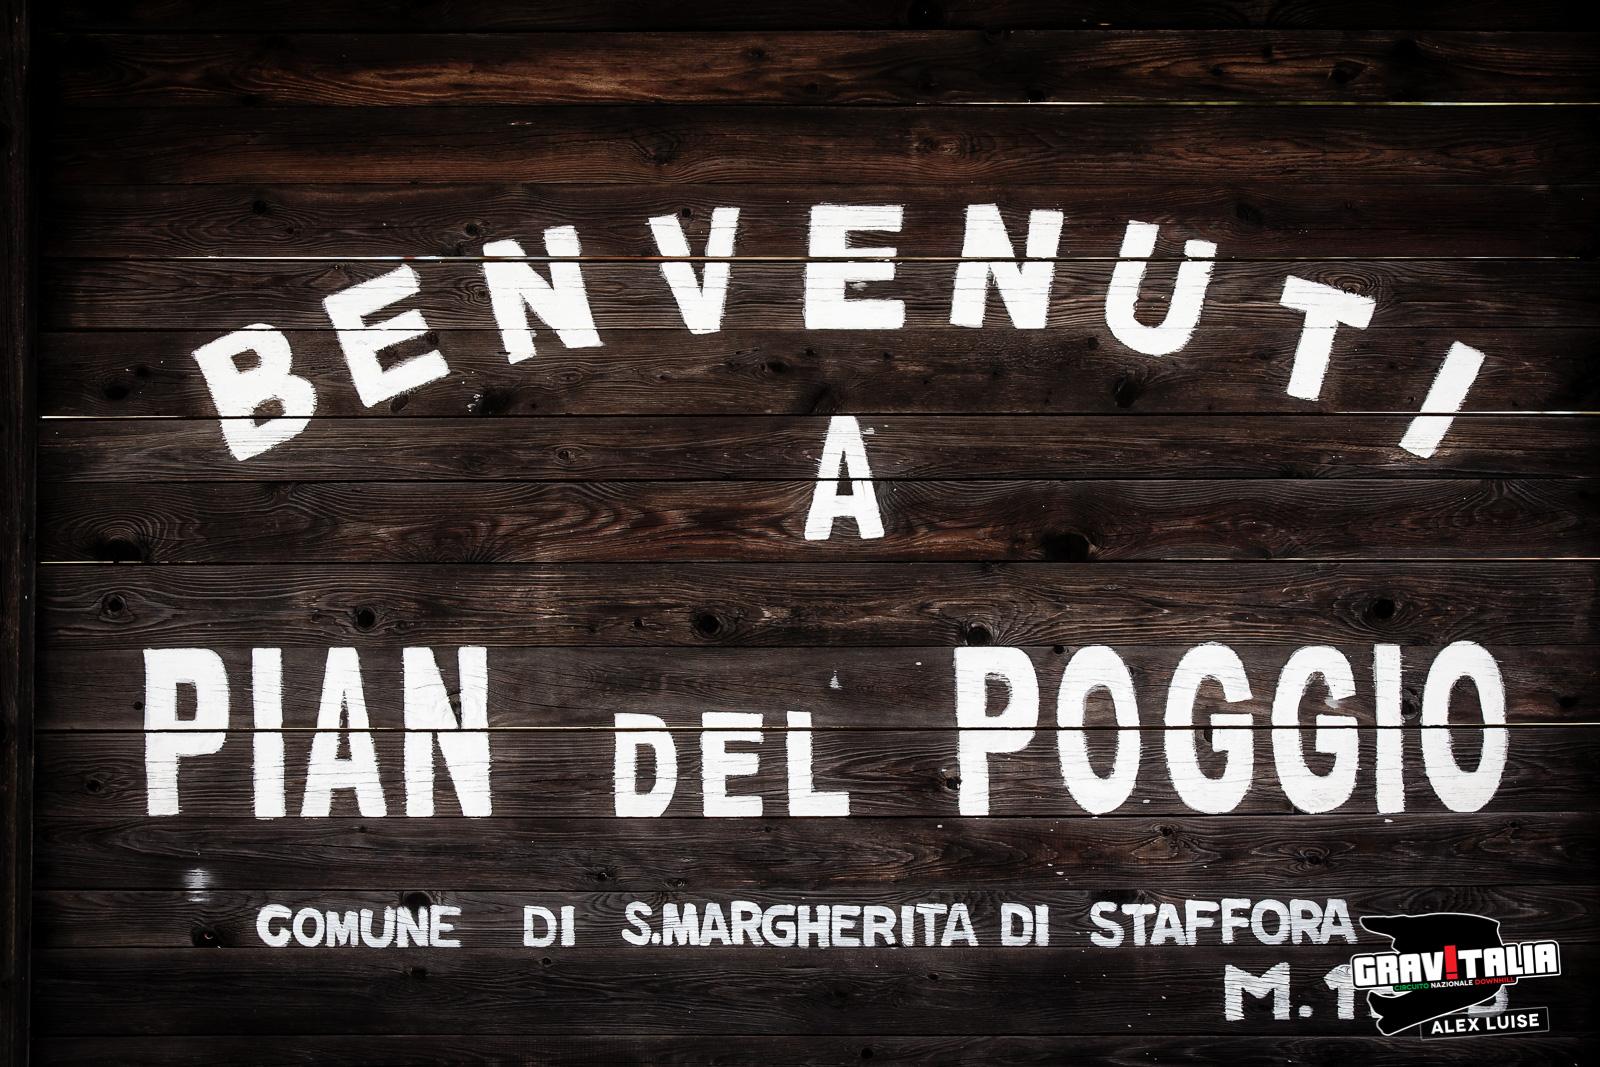 pian_del_poggio_gravitalia_rd1_002